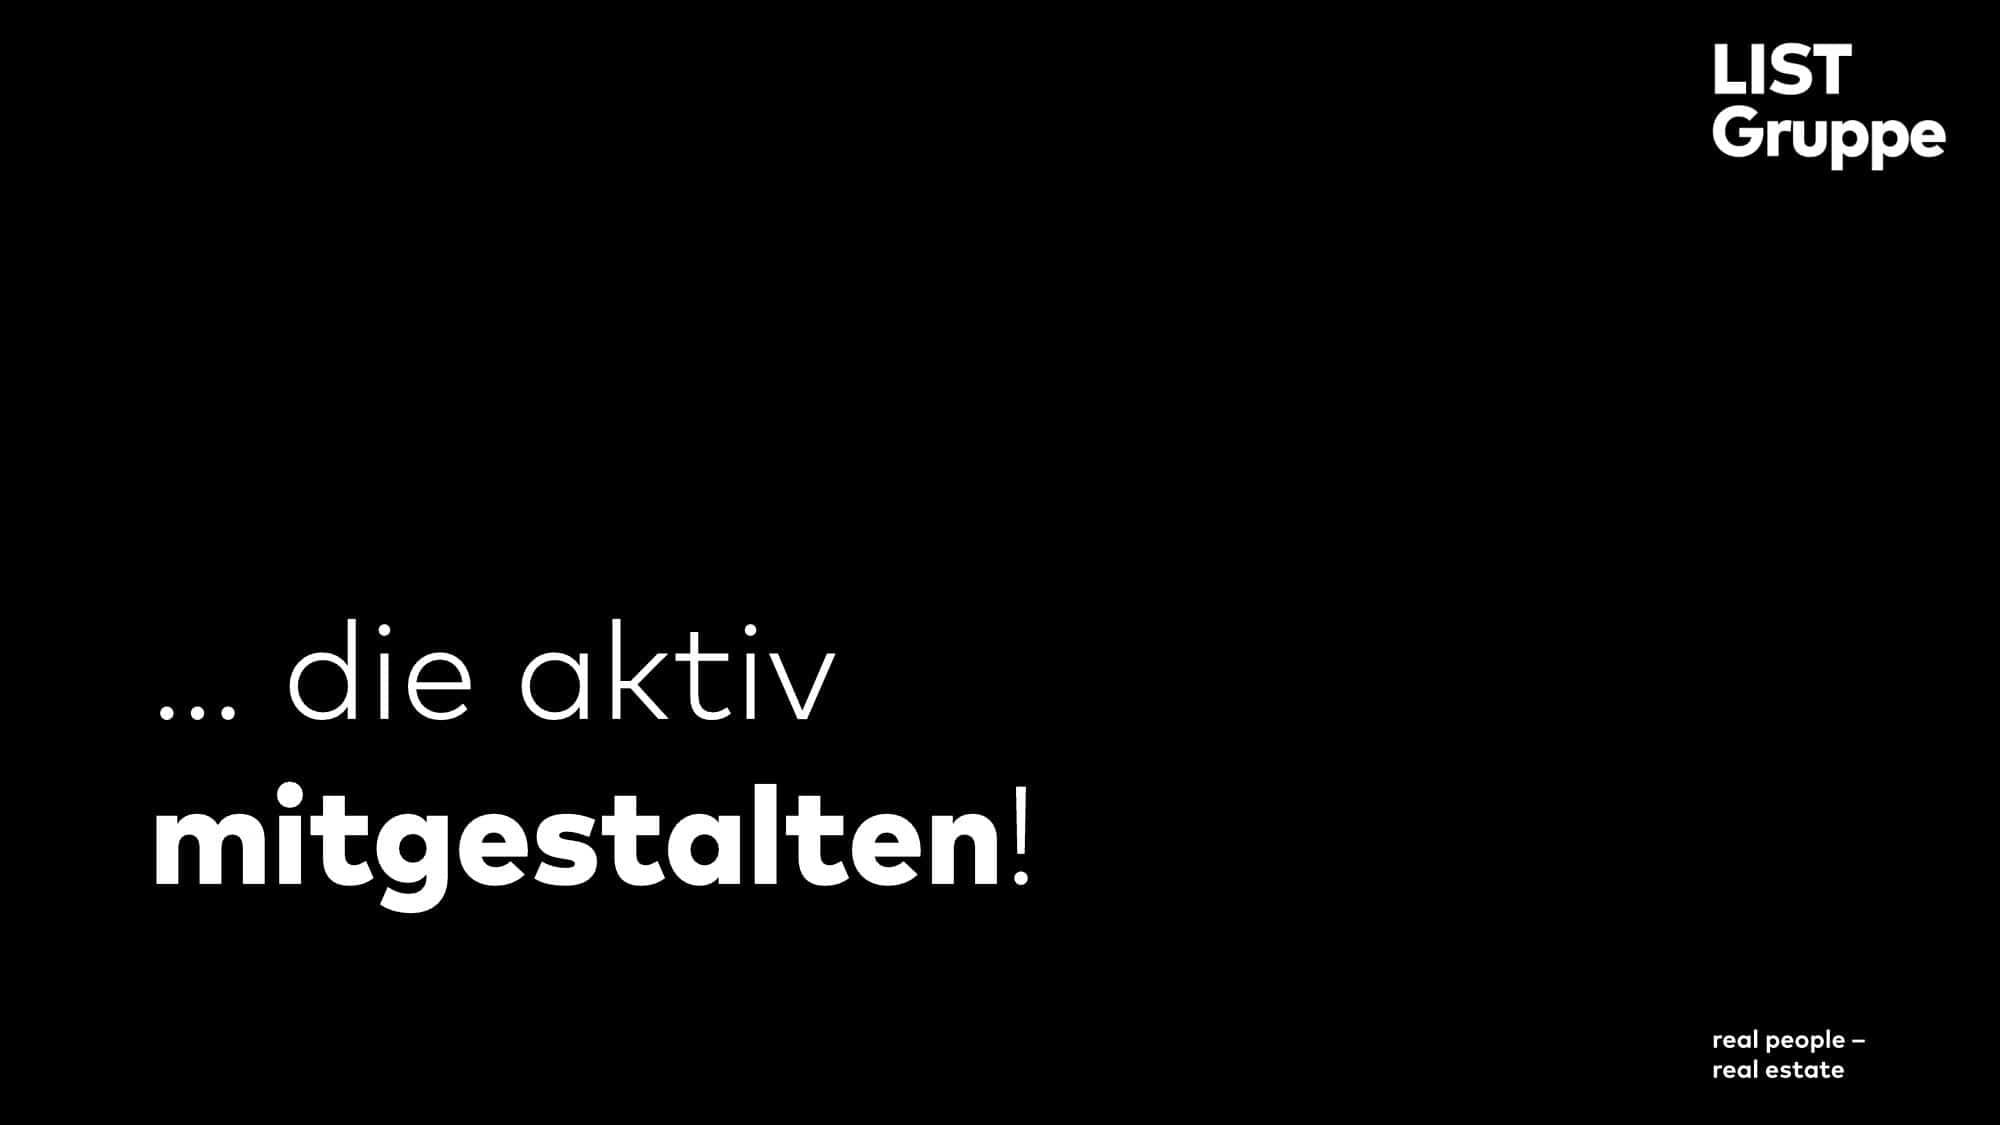 #FANGBEILISTAN-LIST-Gruppe_page_8